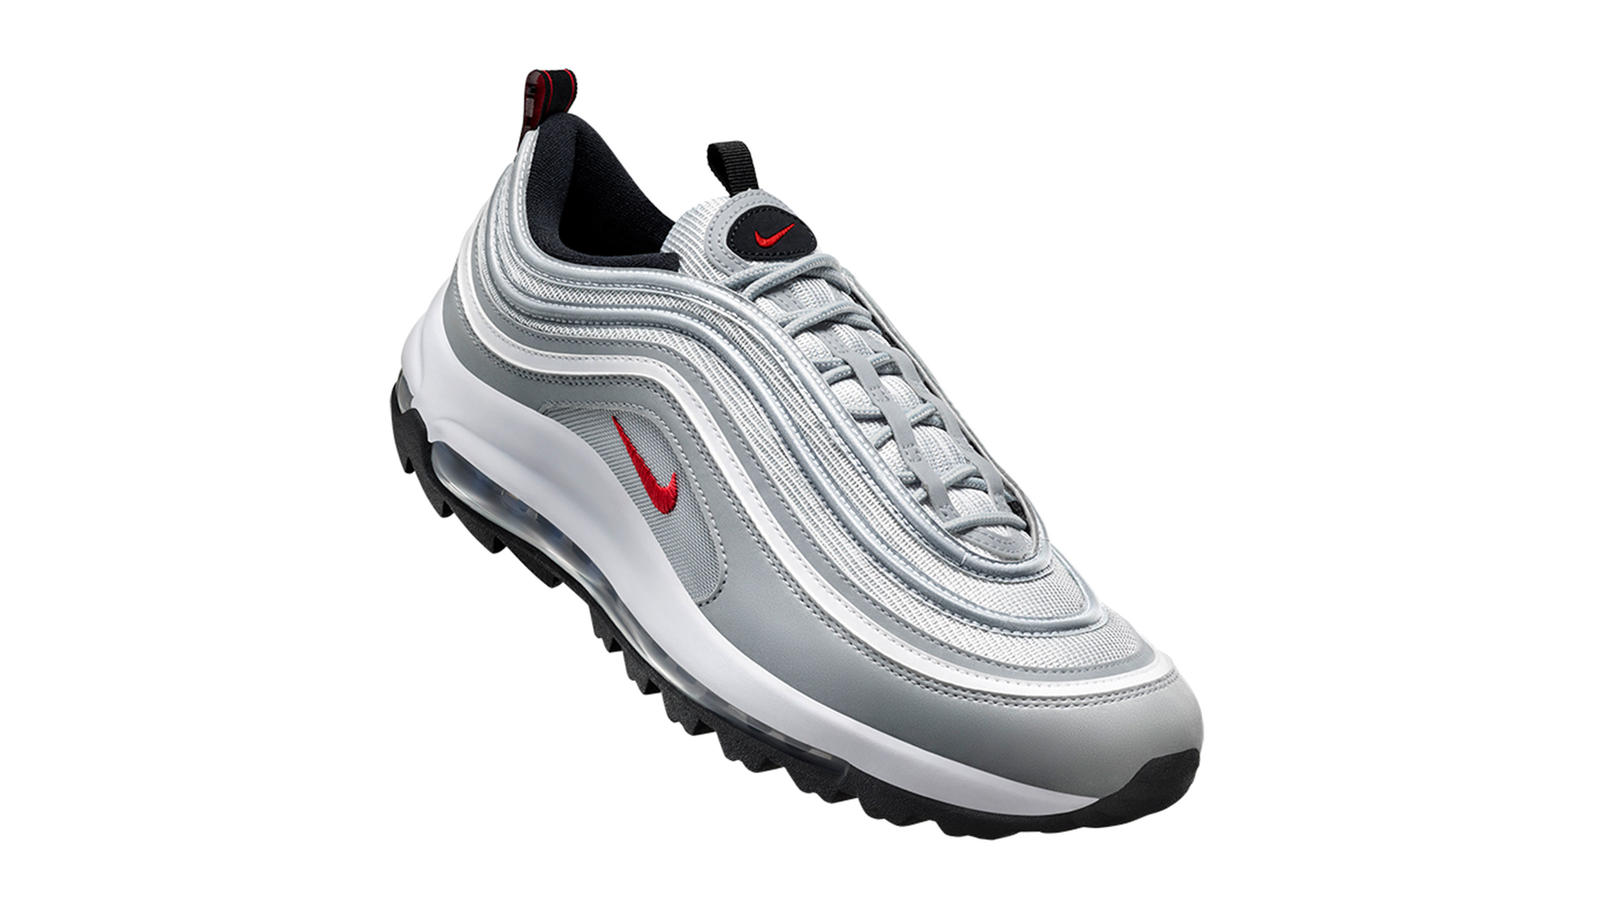 Nike Air Max 97 G golf shoe - FIRST LOOK!